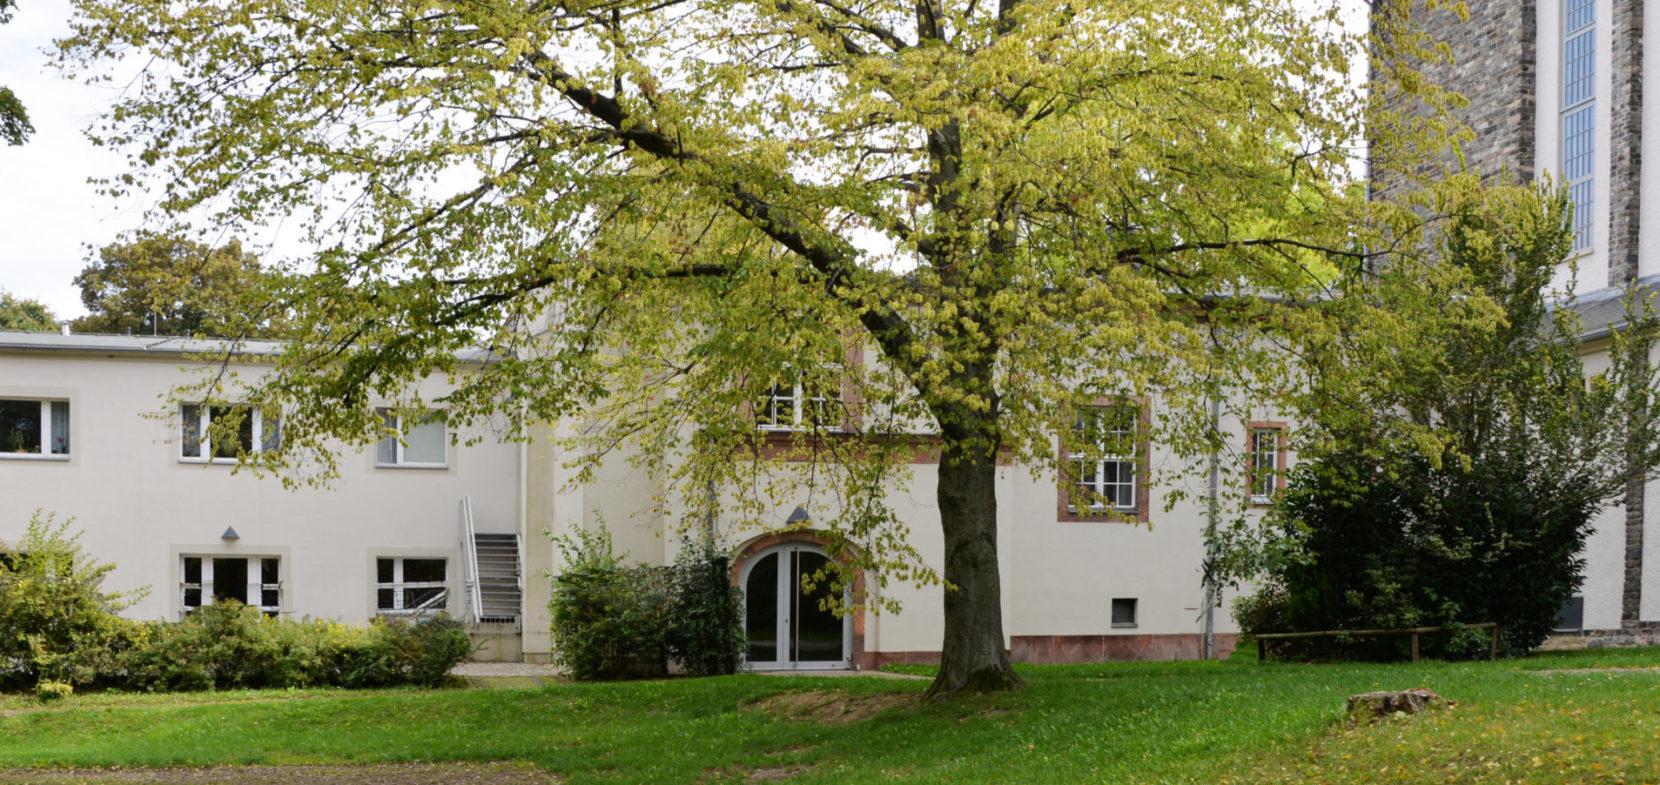 St.-Jakobi-Kreuz-Kirchgemeinde